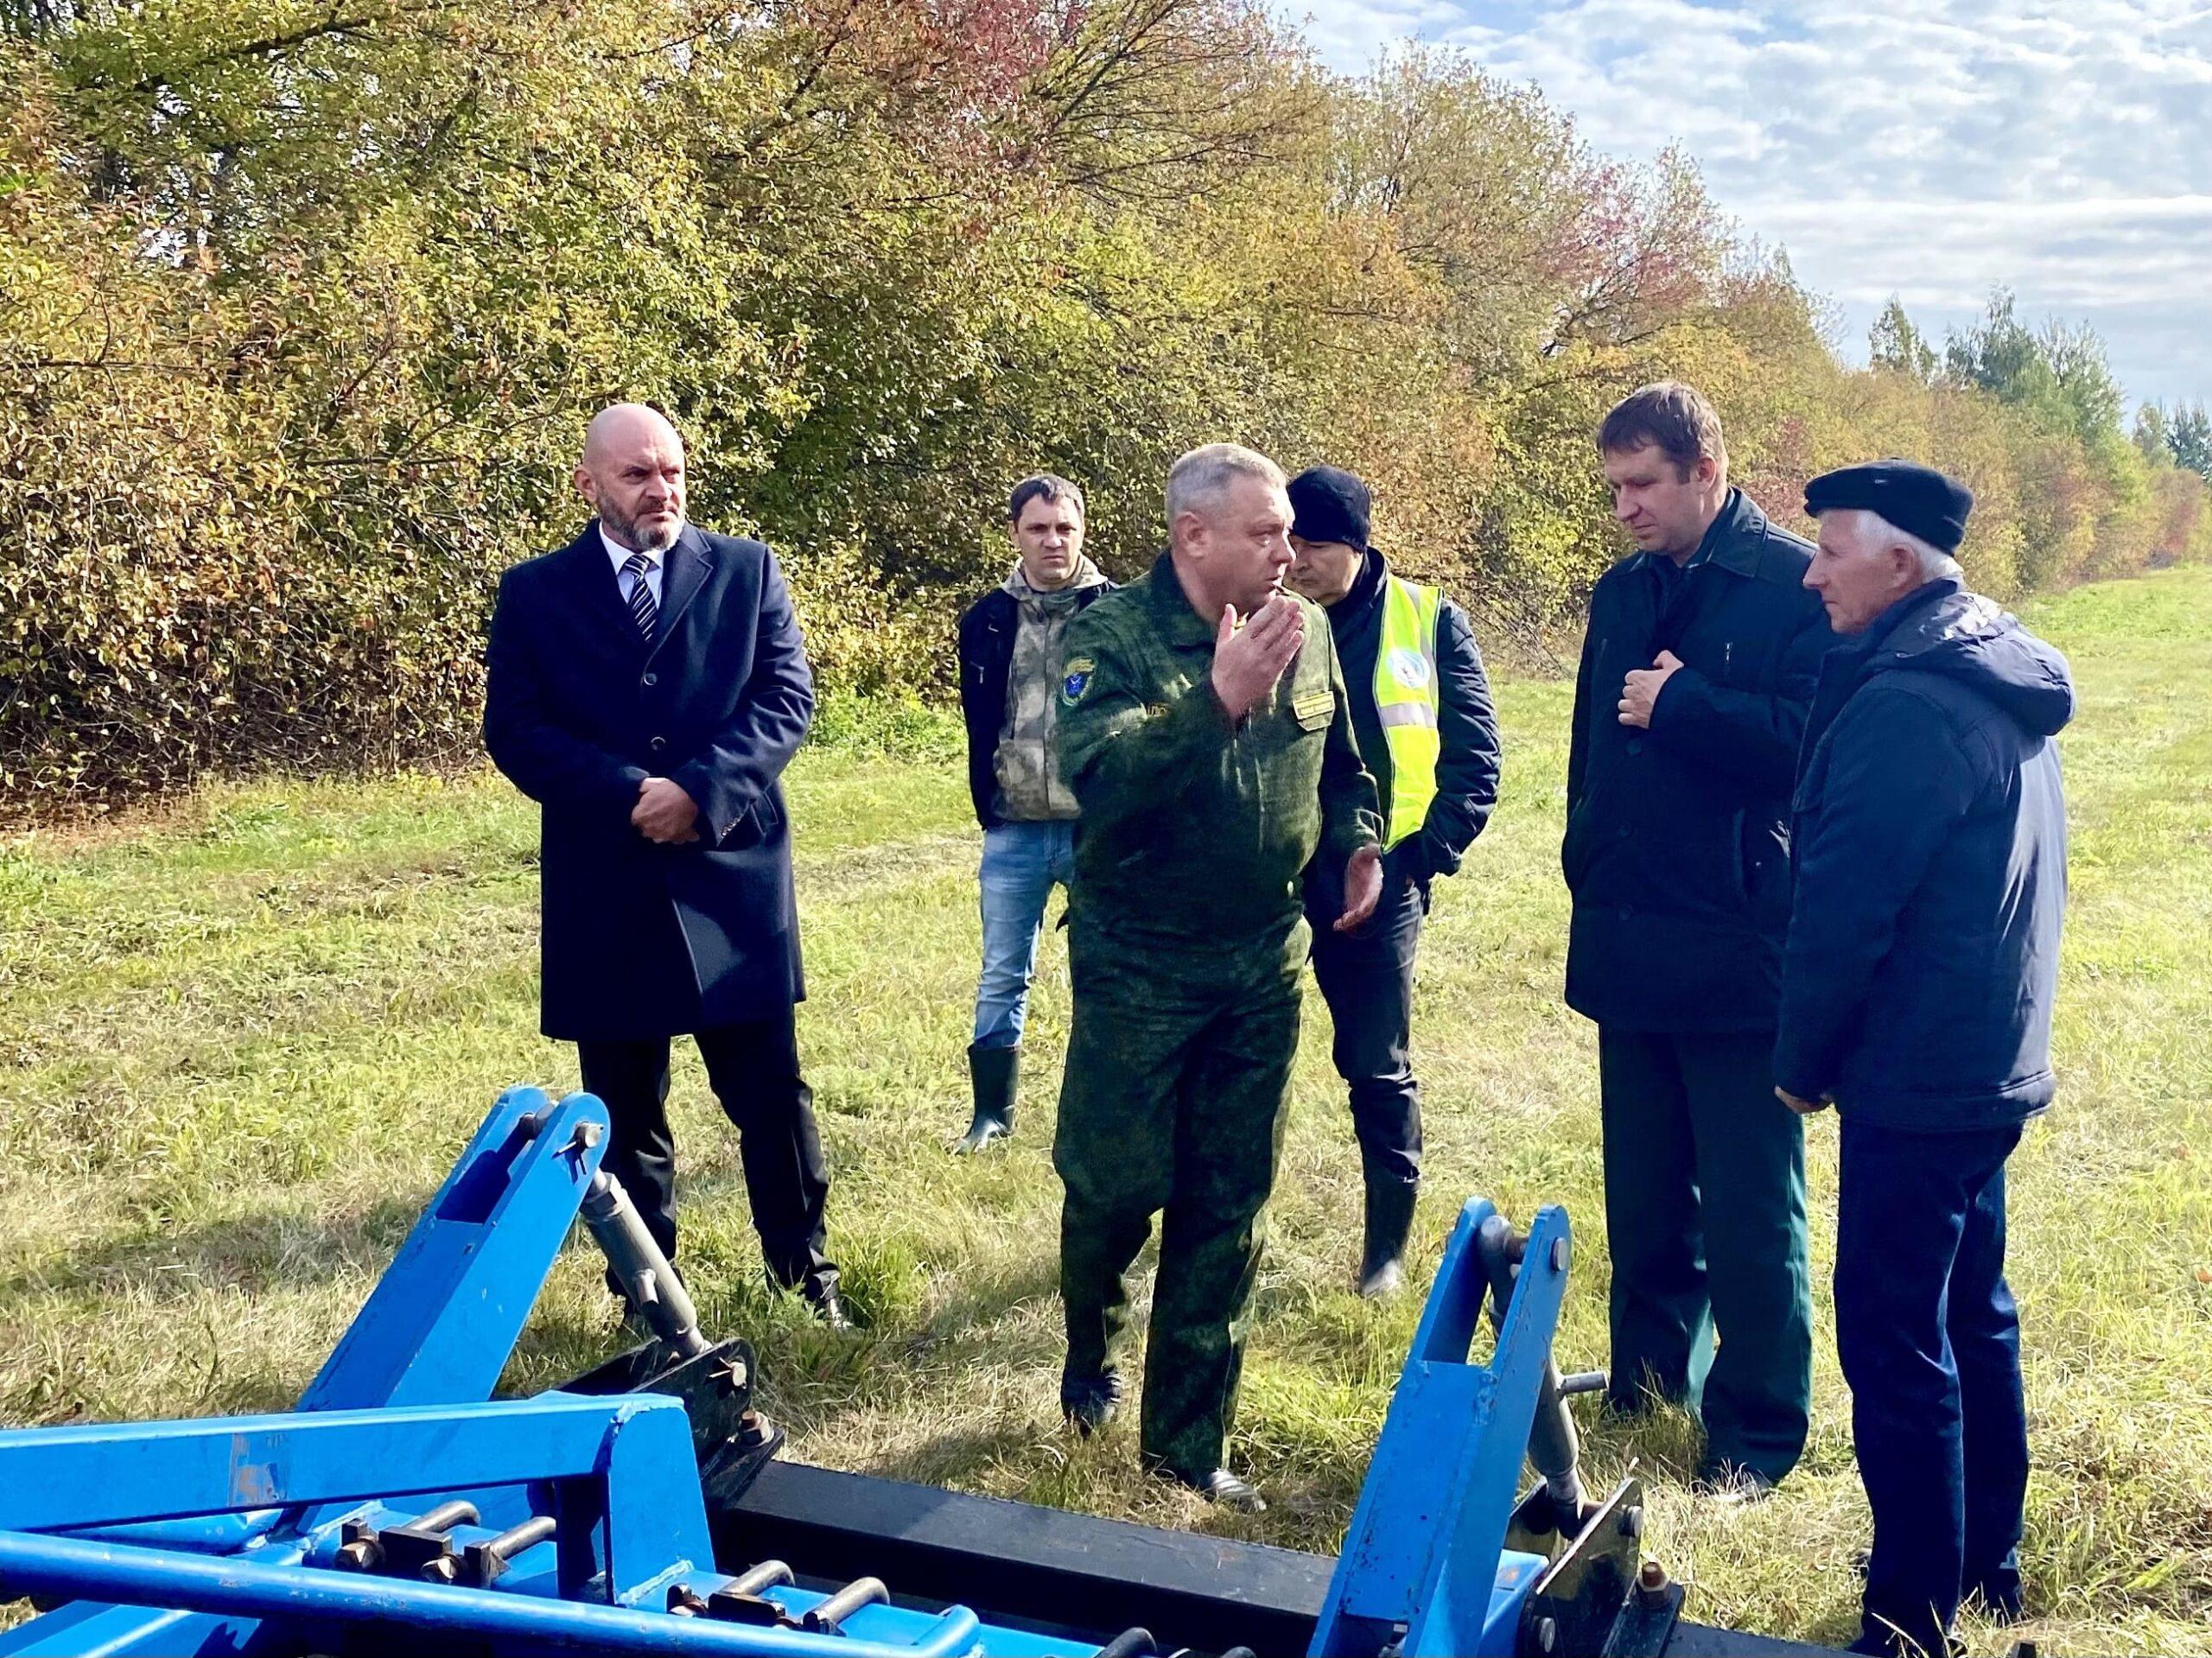 Саратовское региональное отделение Российского экологического общества приняло участие в акции «Сохраним лес»